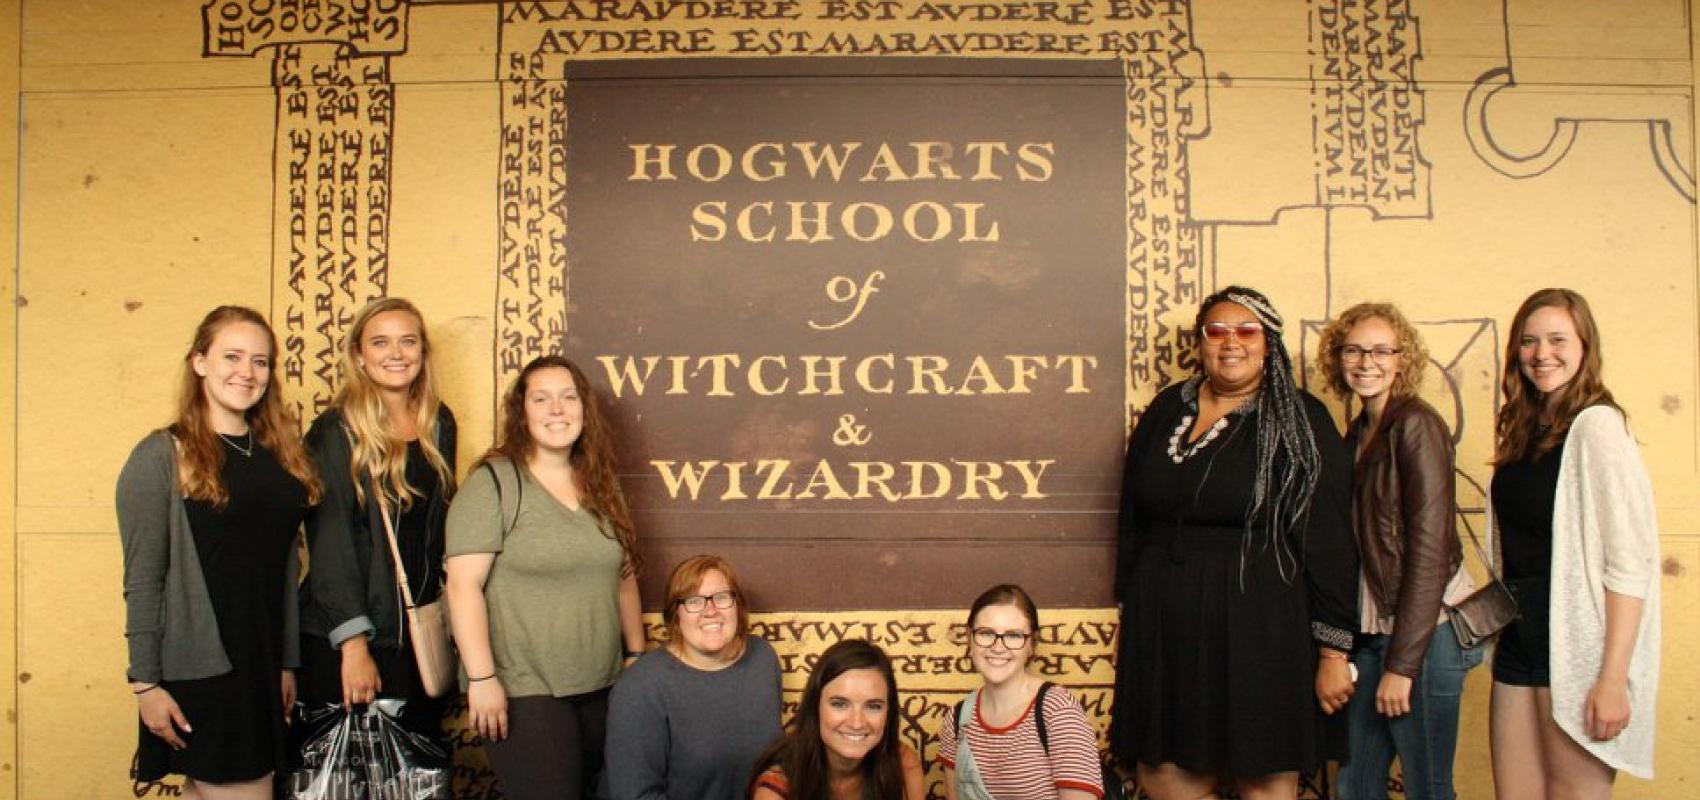 Hogwarts Student Photo